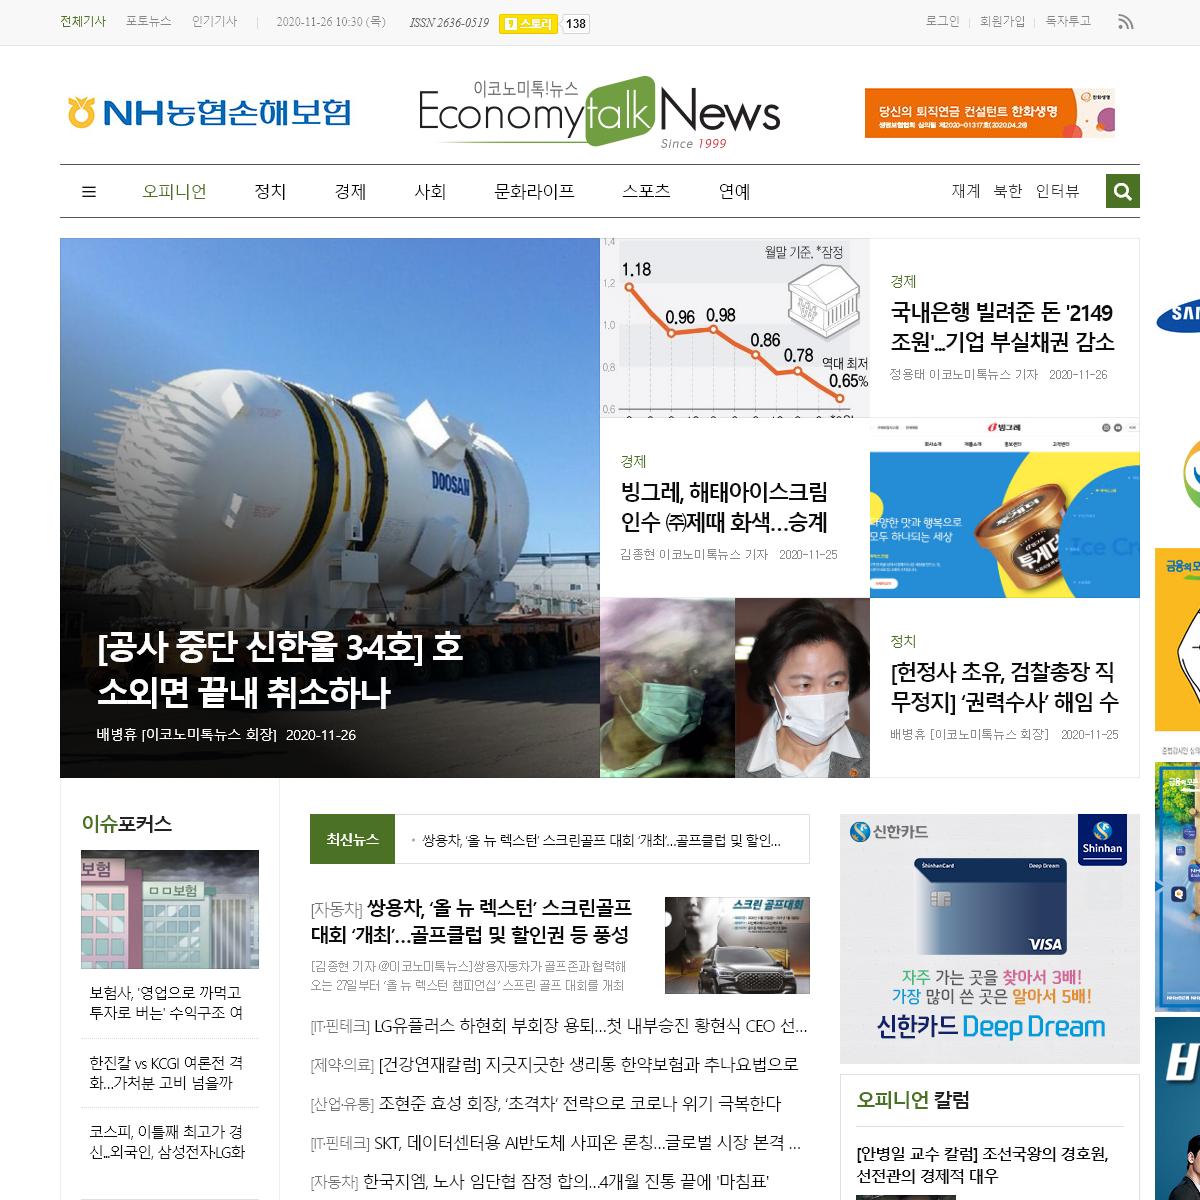 이코노미톡뉴스(시대정신 시대정론)